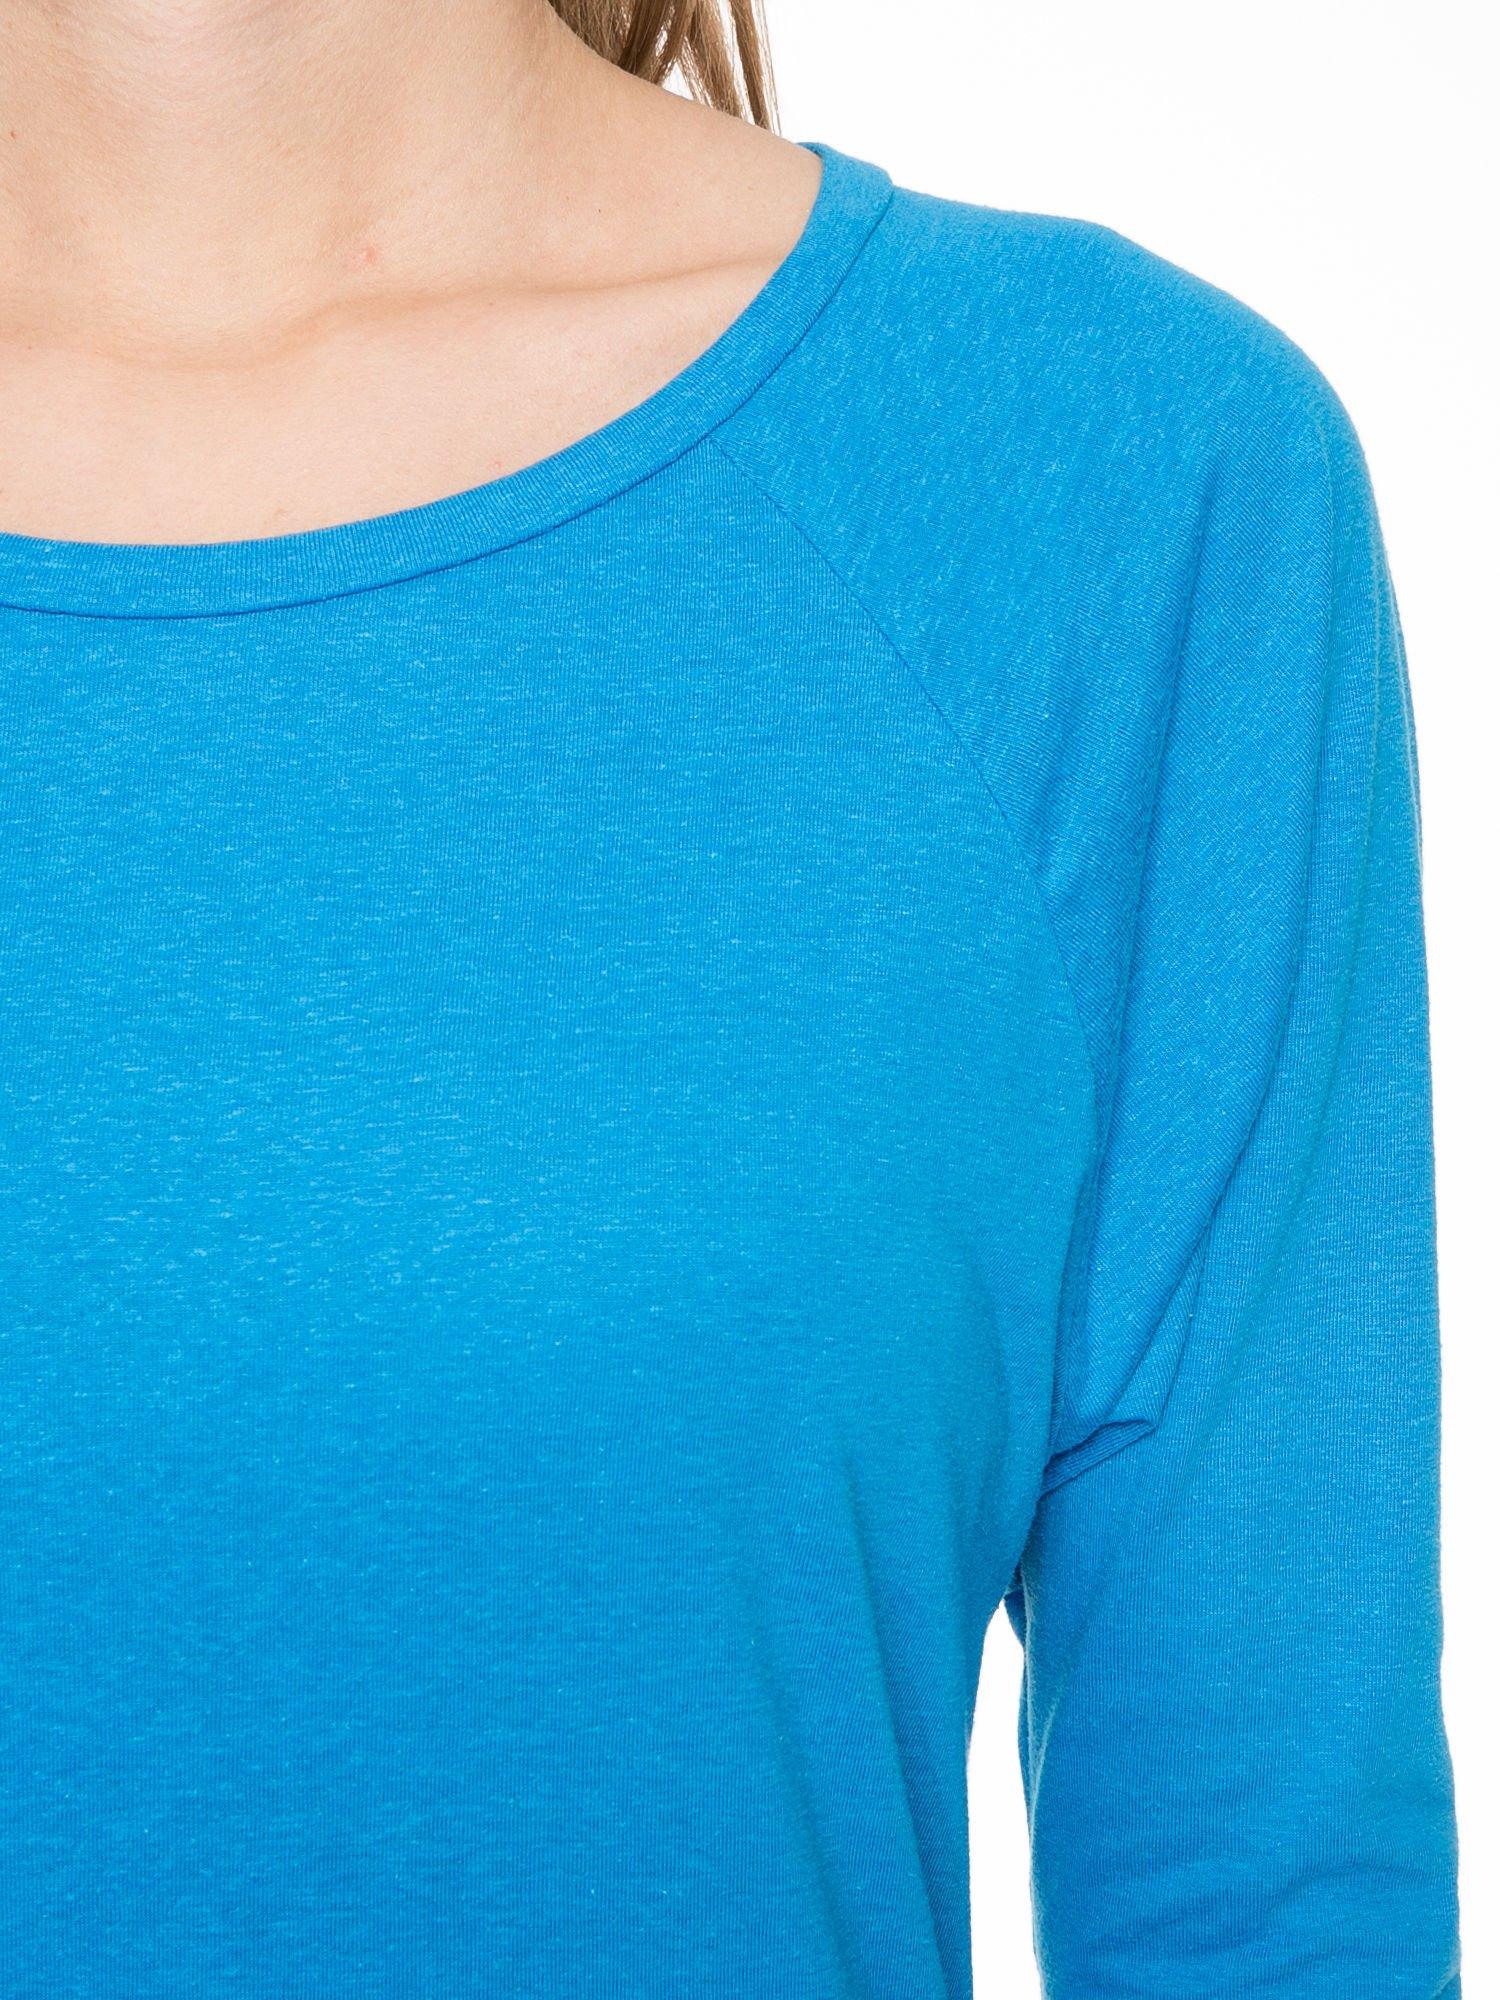 Niebieska bawełniana bluzka z rękawami typu reglan                                  zdj.                                  3